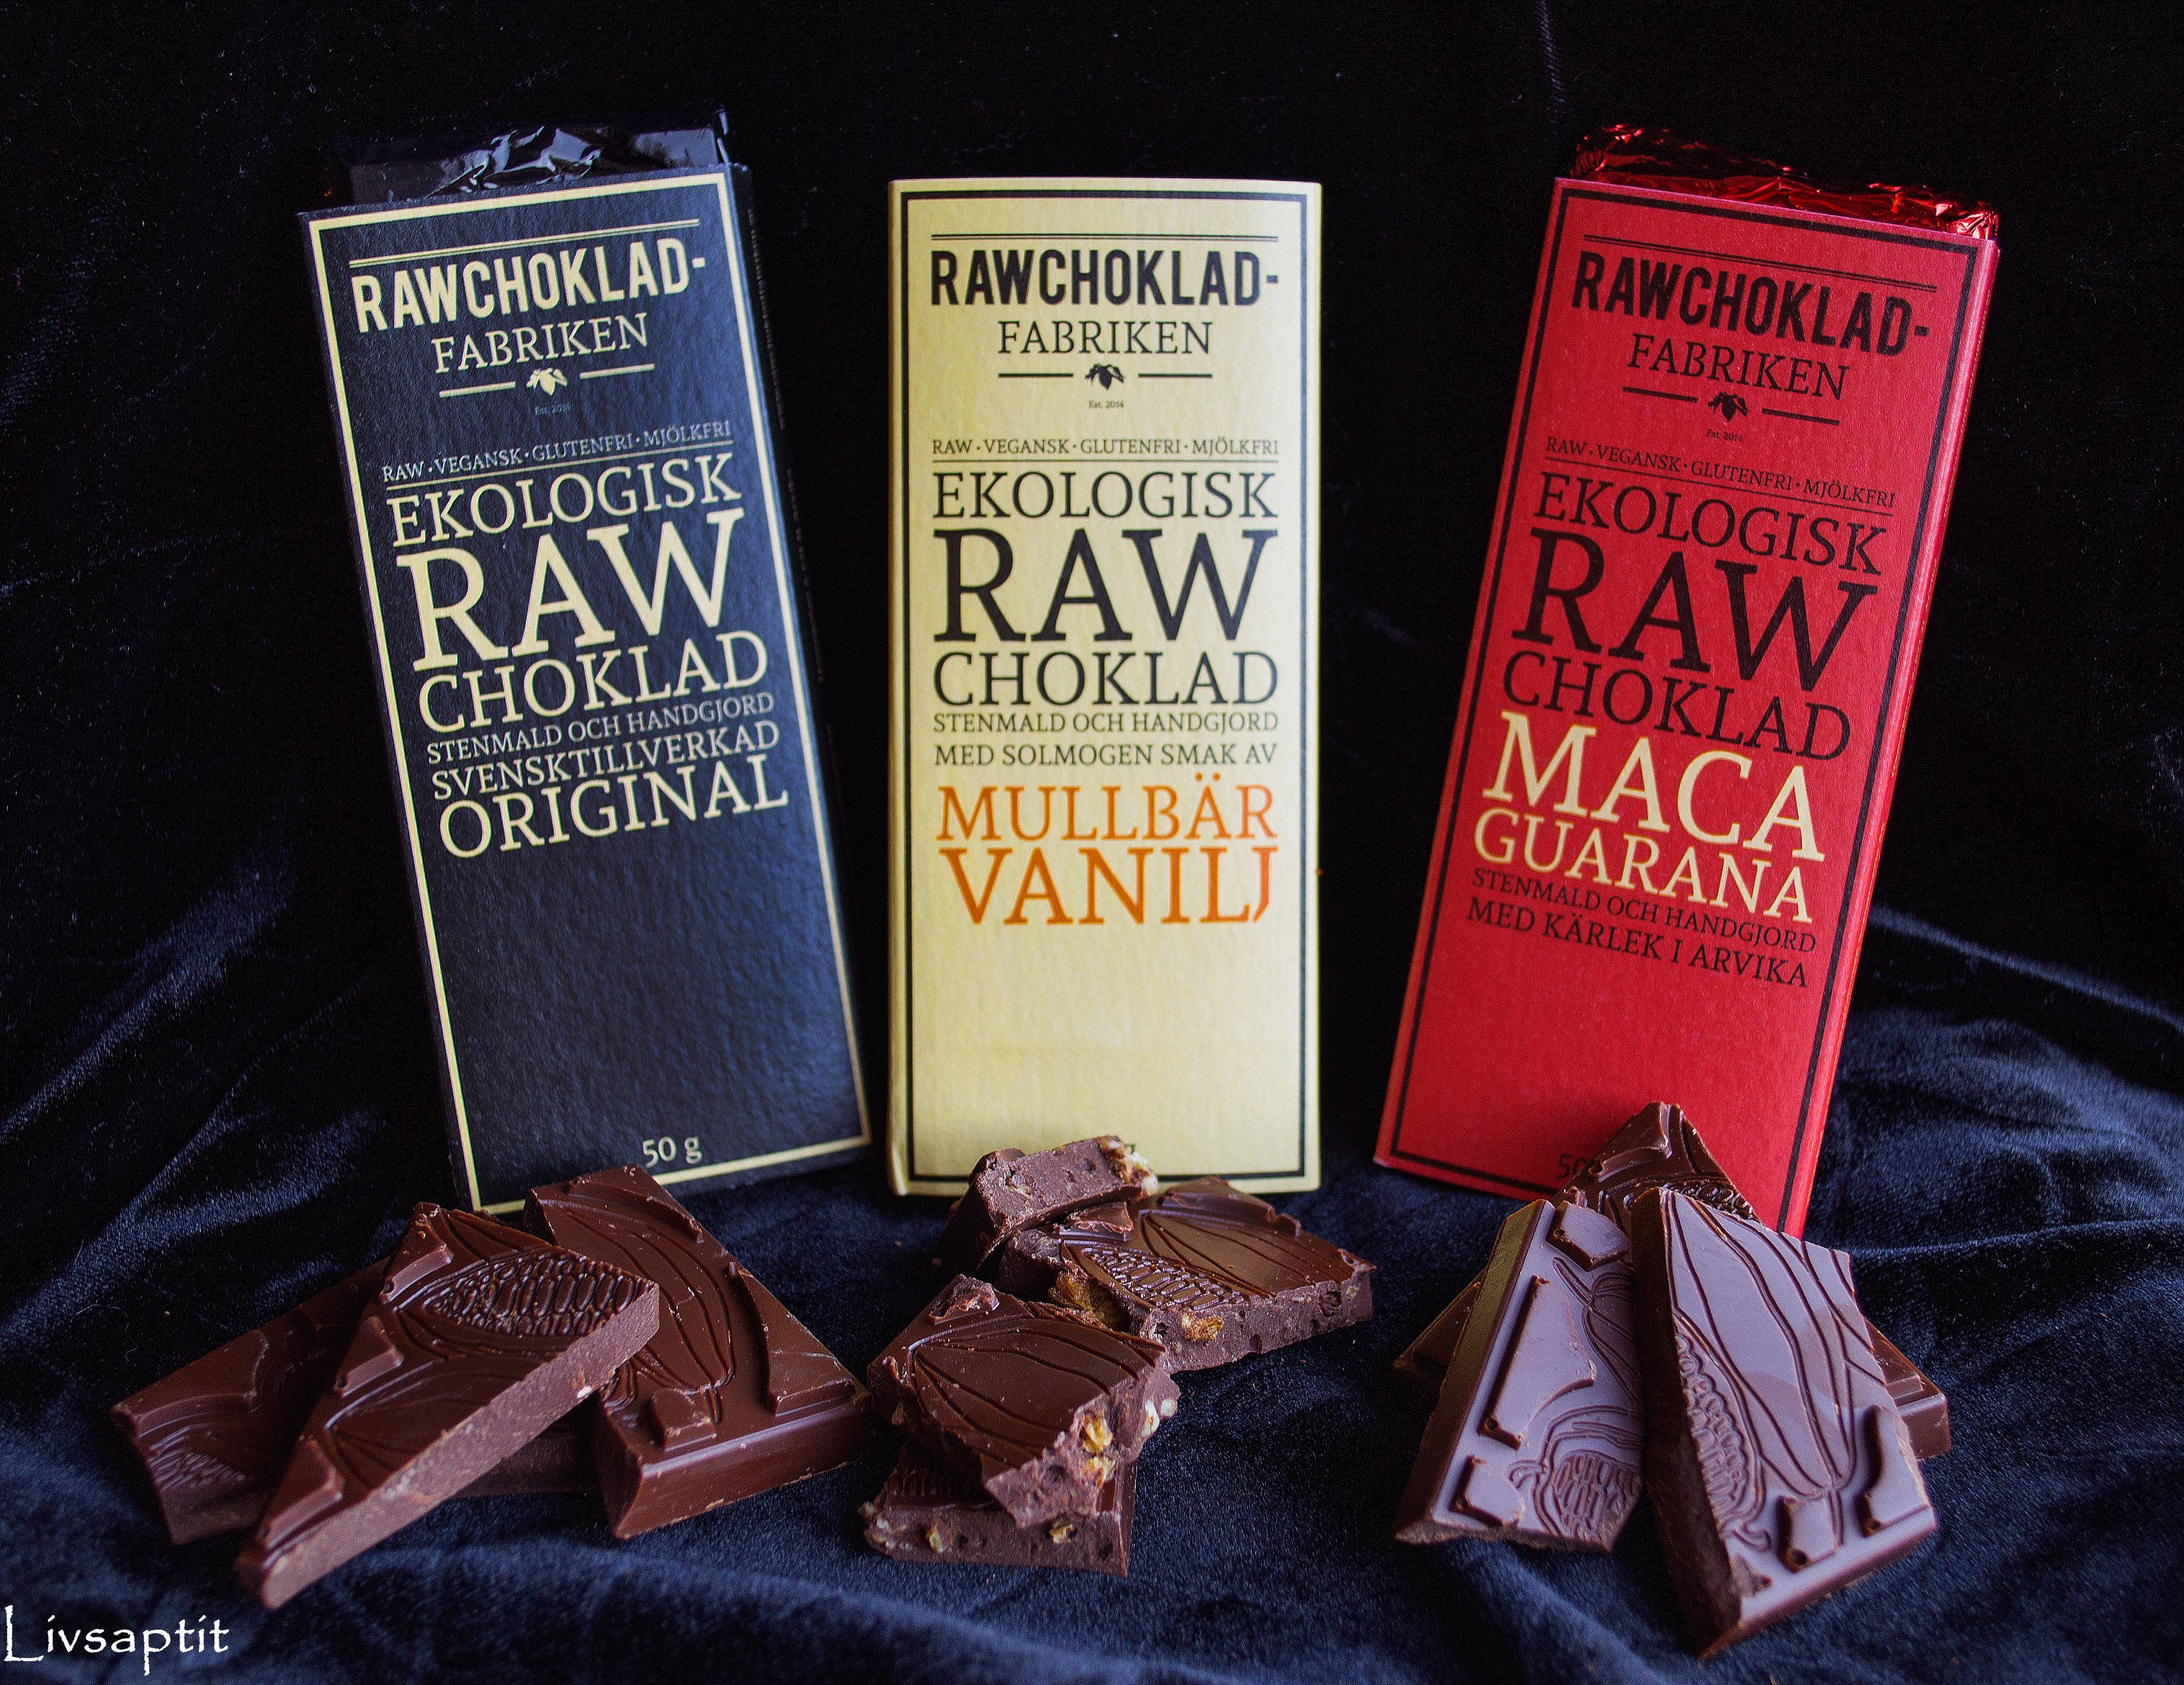 Notfria chokladbitar finns